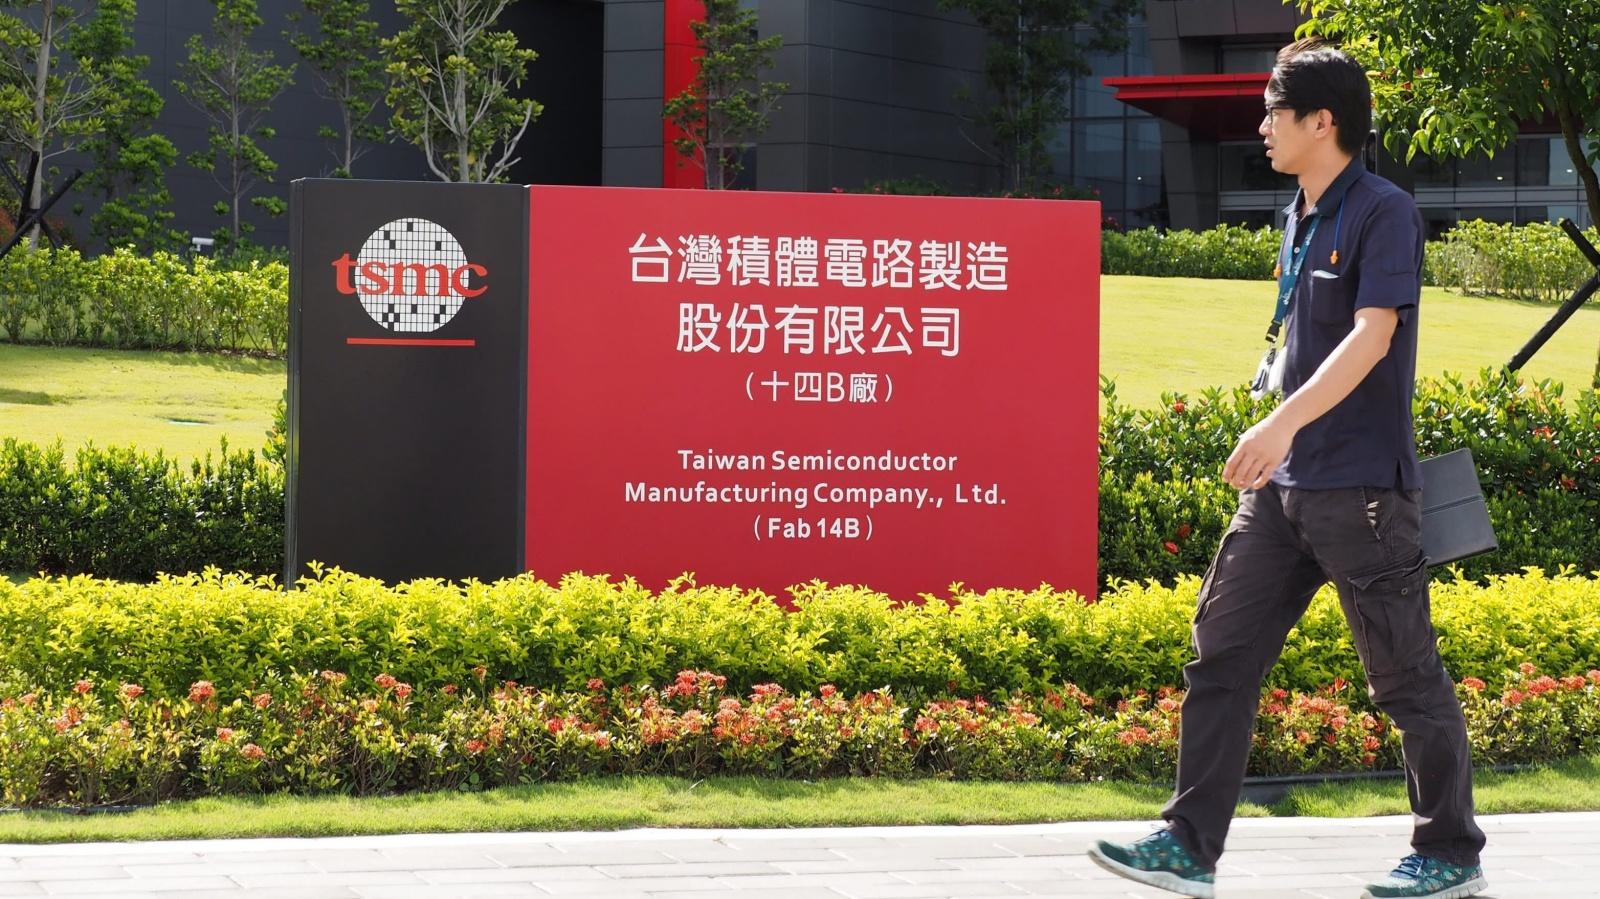 Китай инвестирует $1,4 трлн долларов и переманивает ключевых инженеров TSMC, стремясь обогнать США в производстве чипов - 2